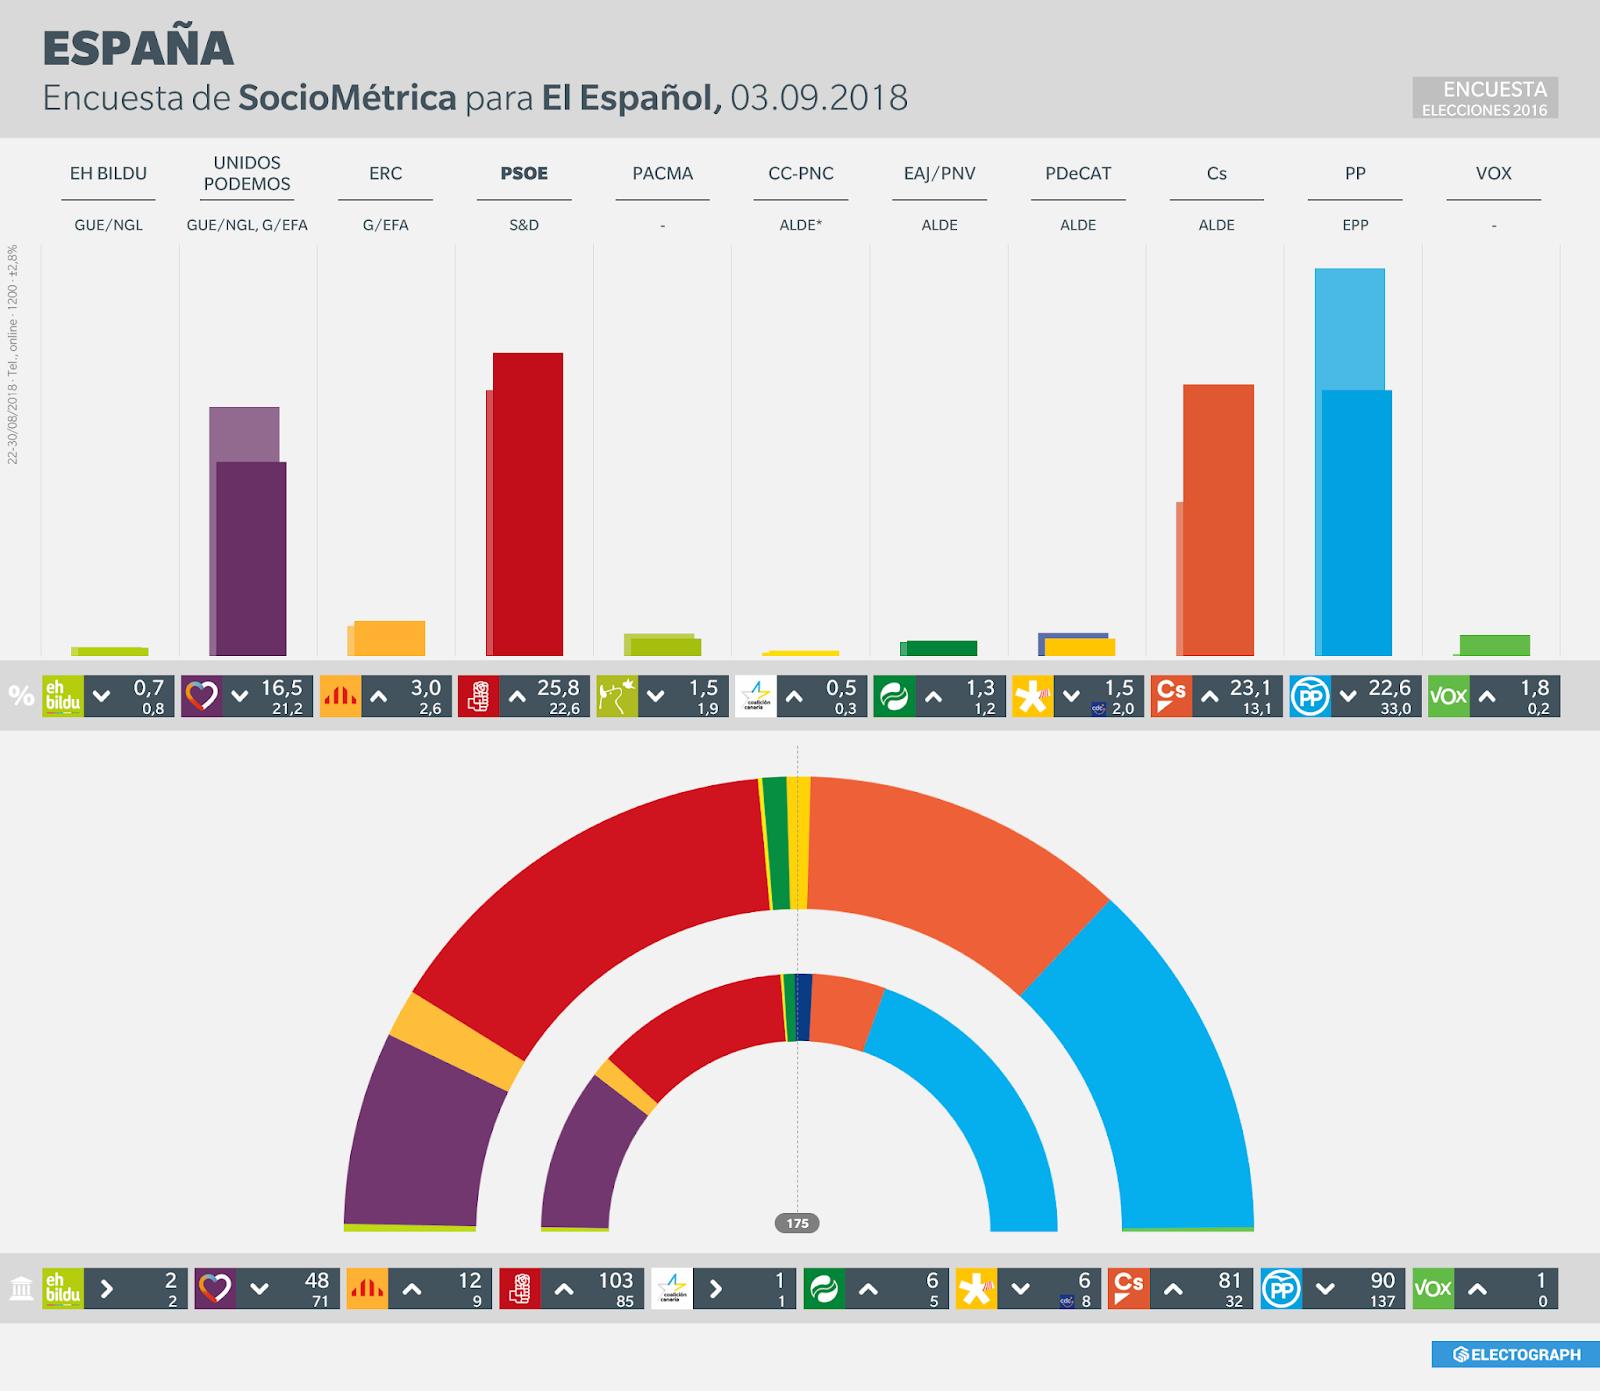 Gráfico de la encuesta para elecciones generales en España realizada por Sociométrica para El Español en agosto de 2018